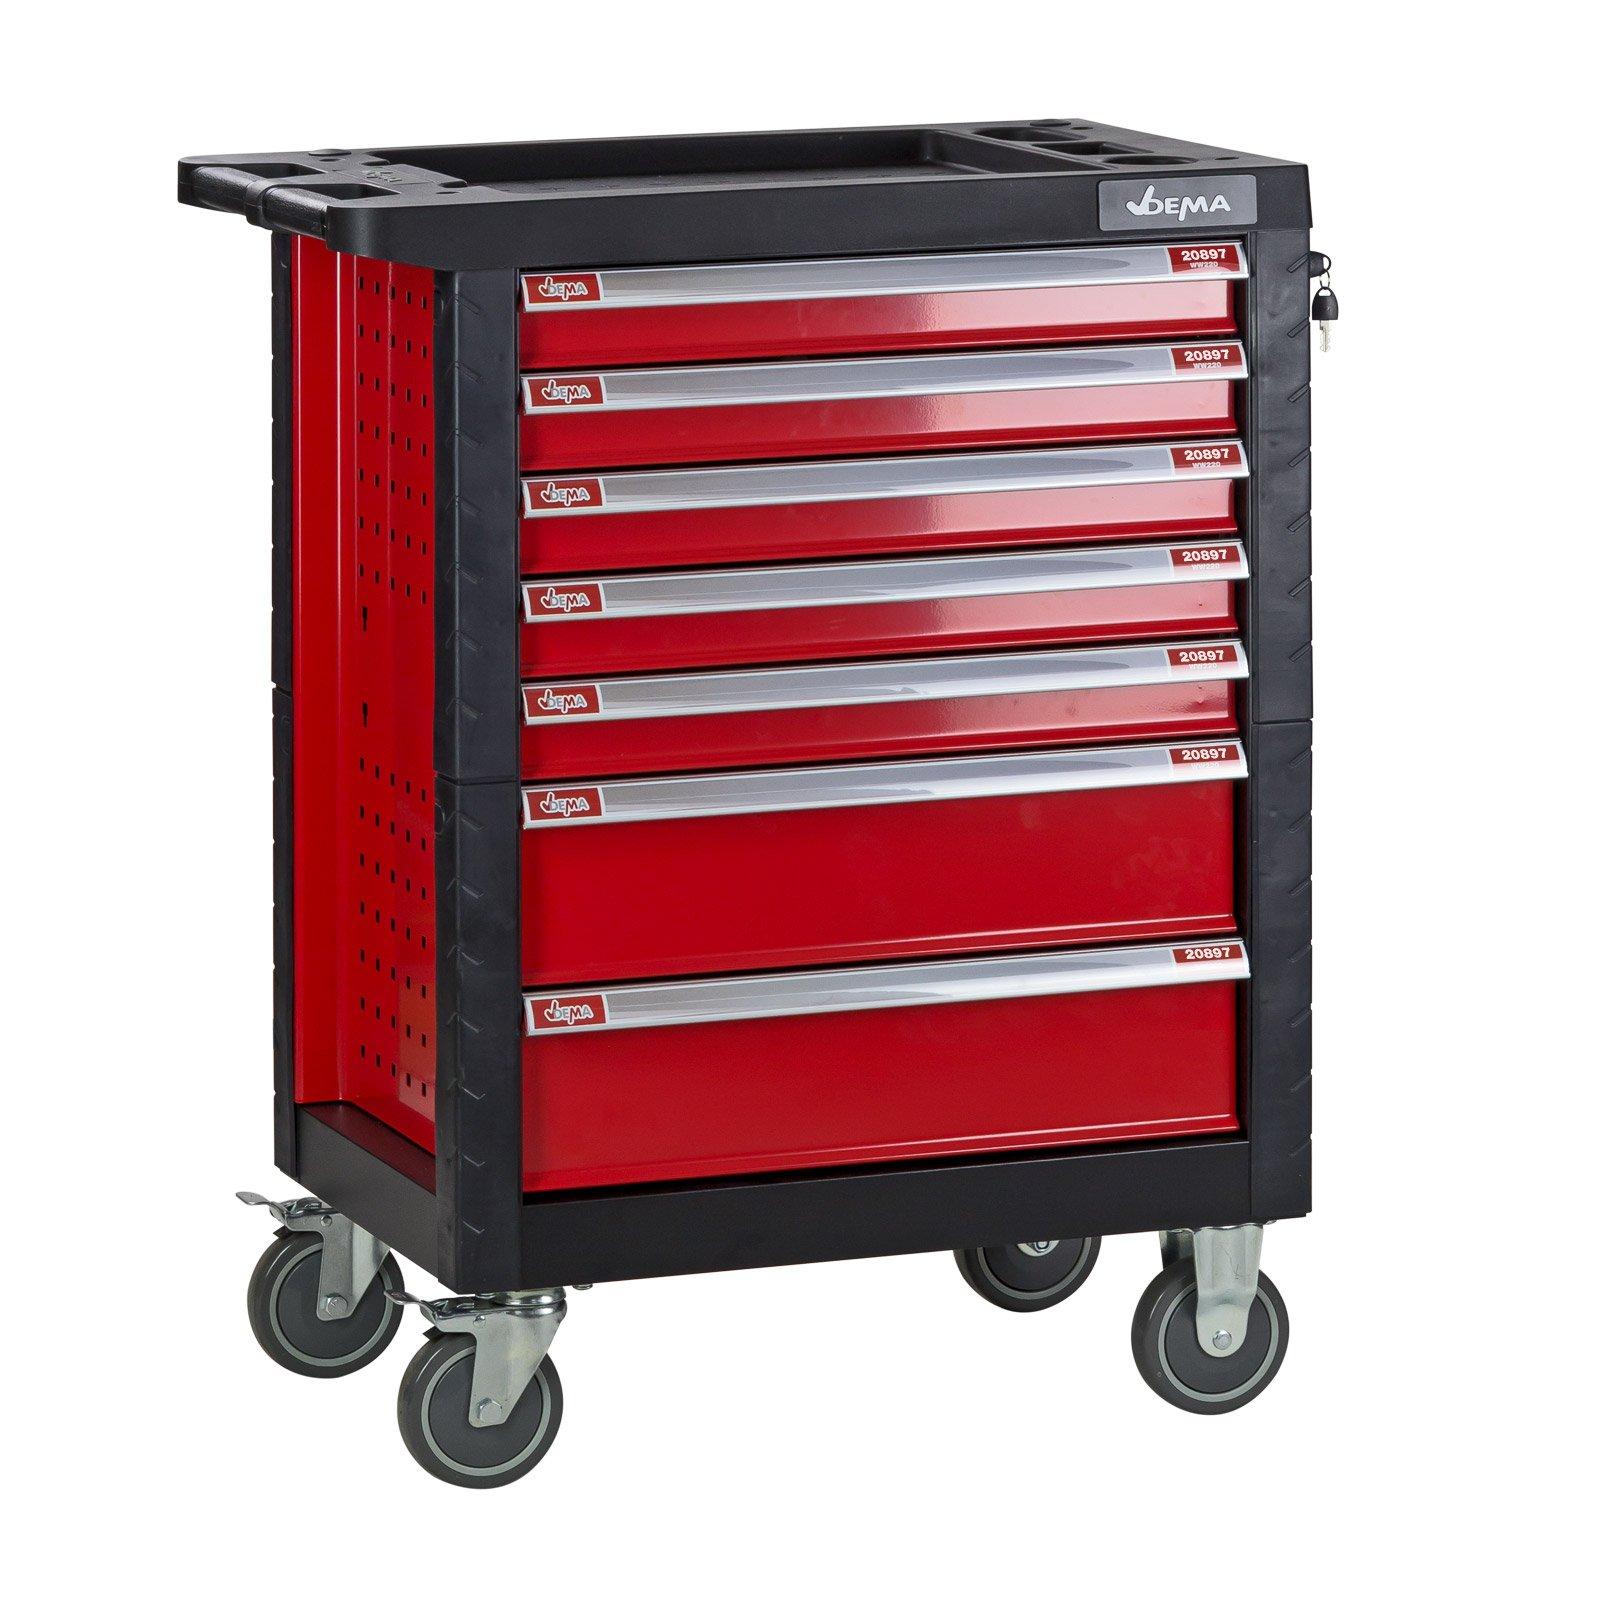 DEMA Werkstattwagen Carlos (921851-20897), 7 Schubladen, abschließbar, rot